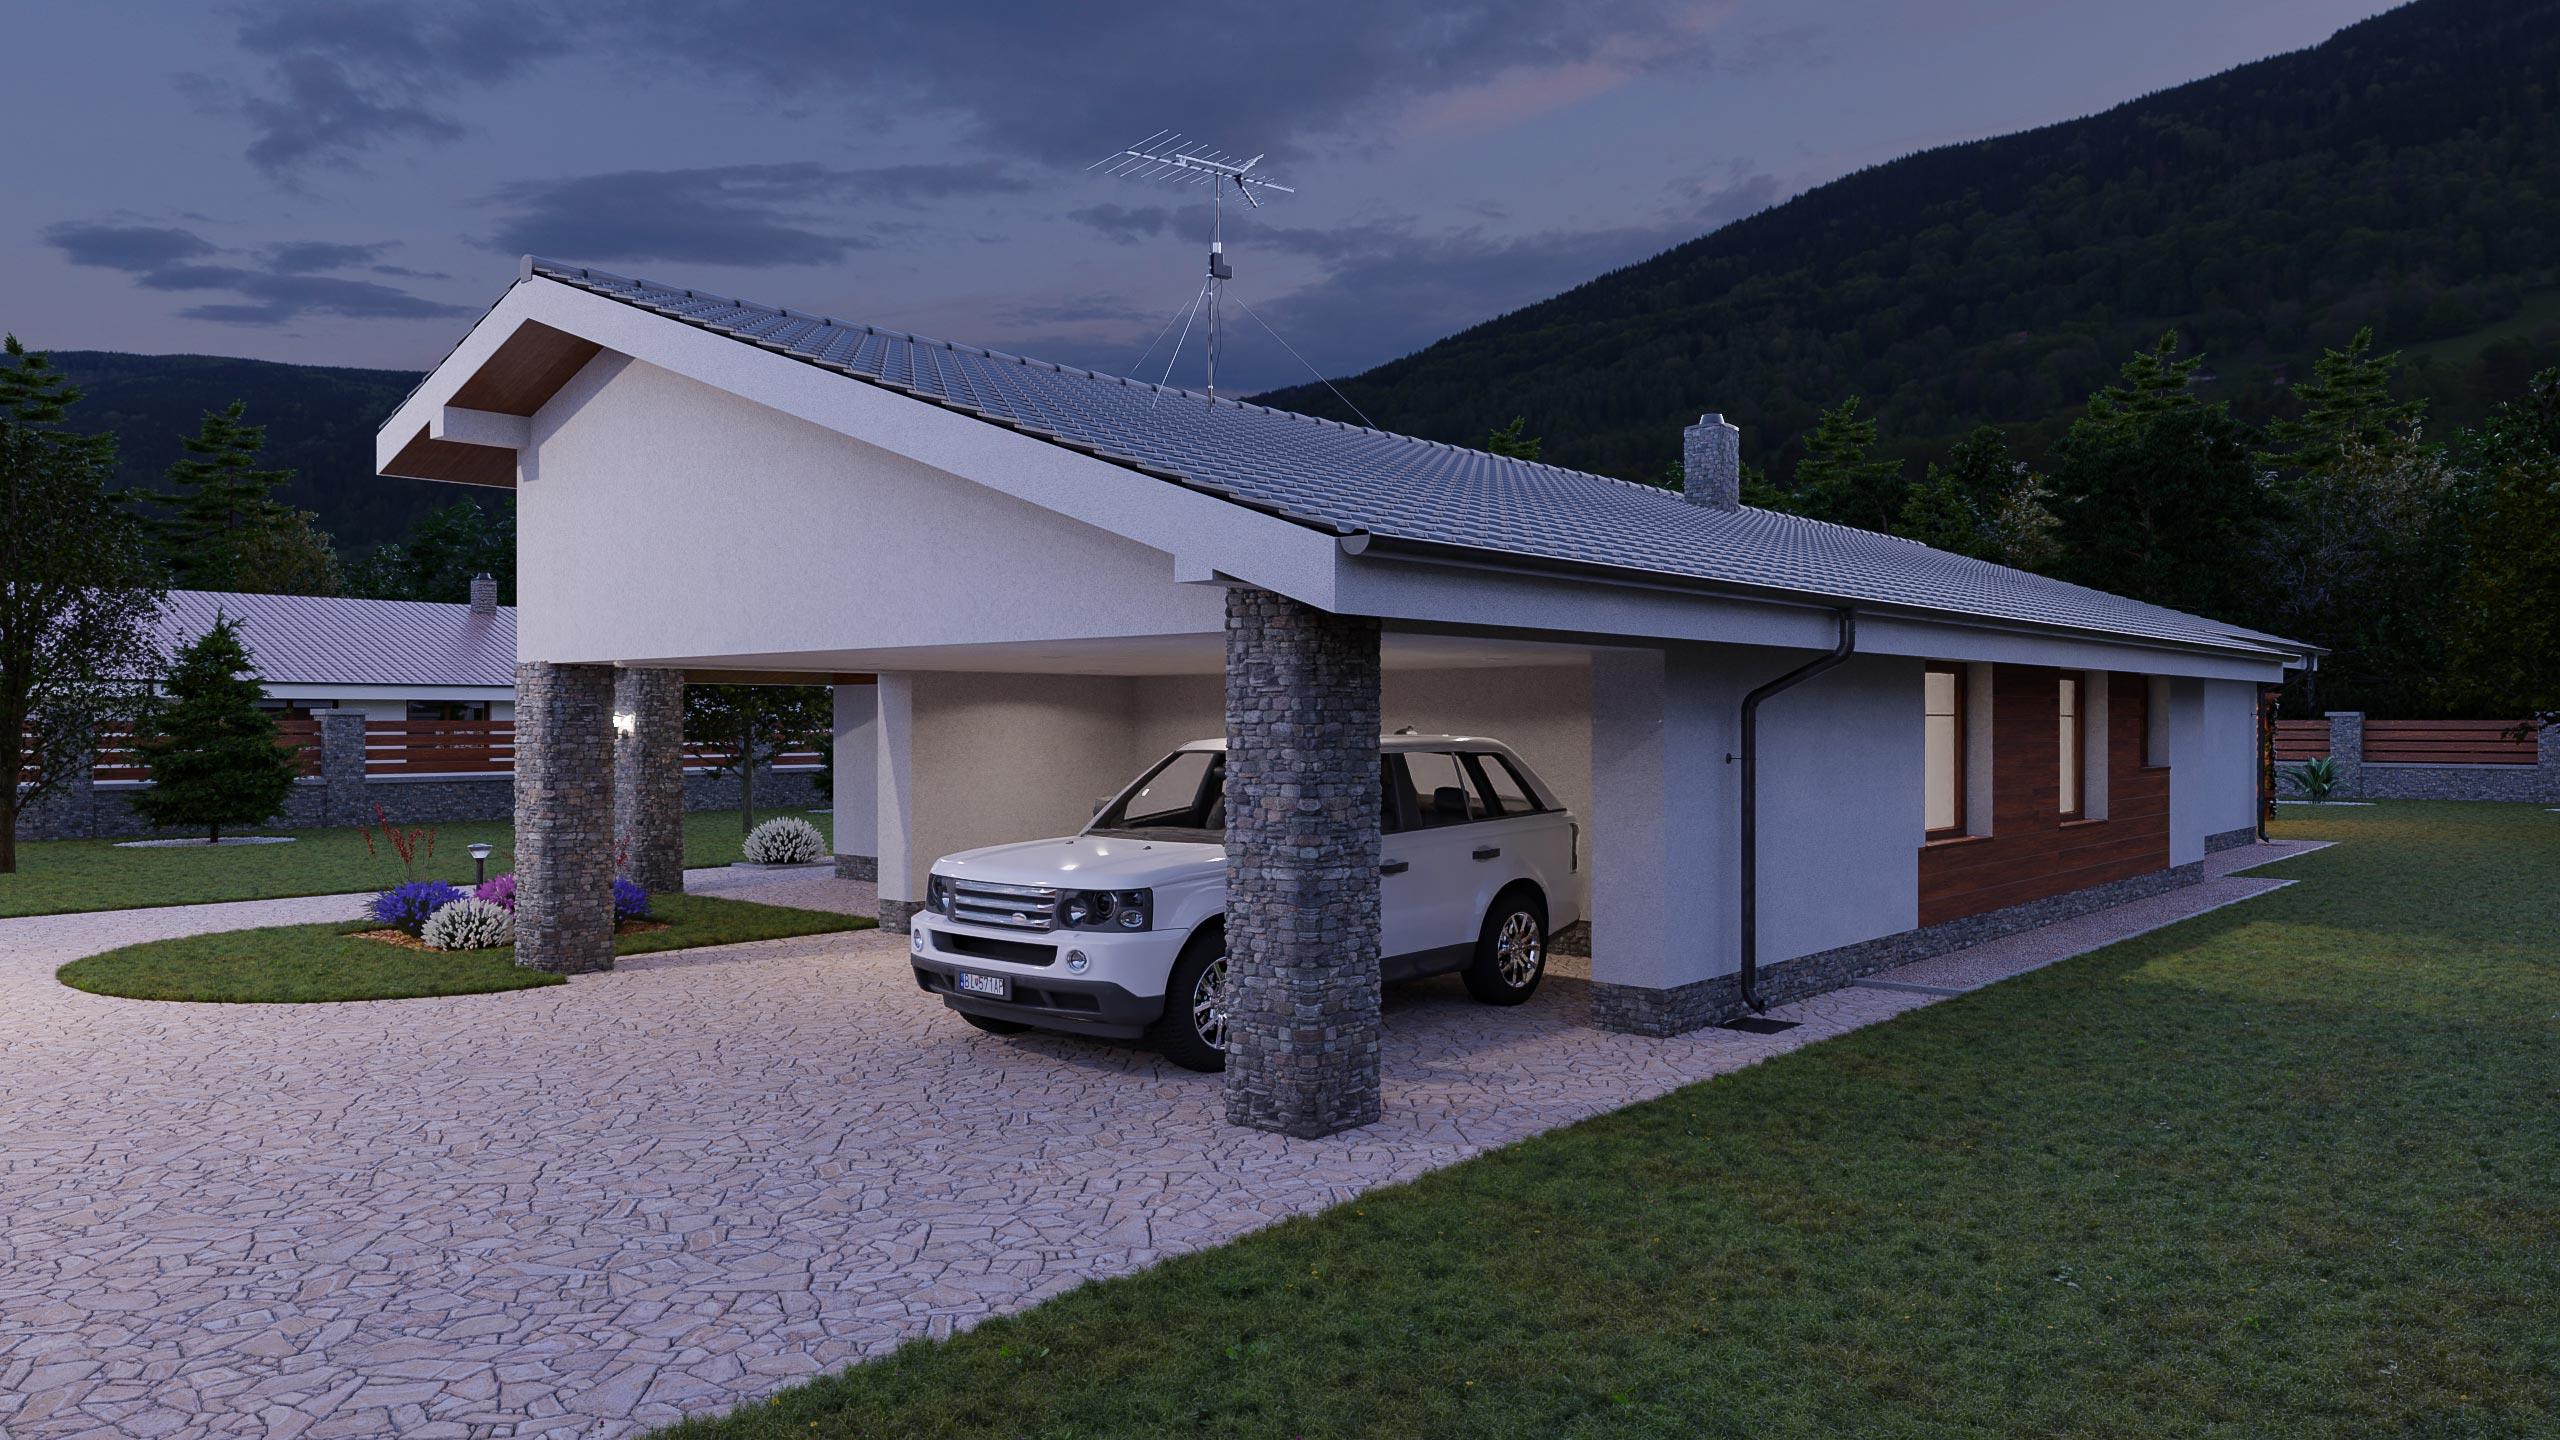 idea3d - vizualizácia rodinný dom 120m2 - večer 1